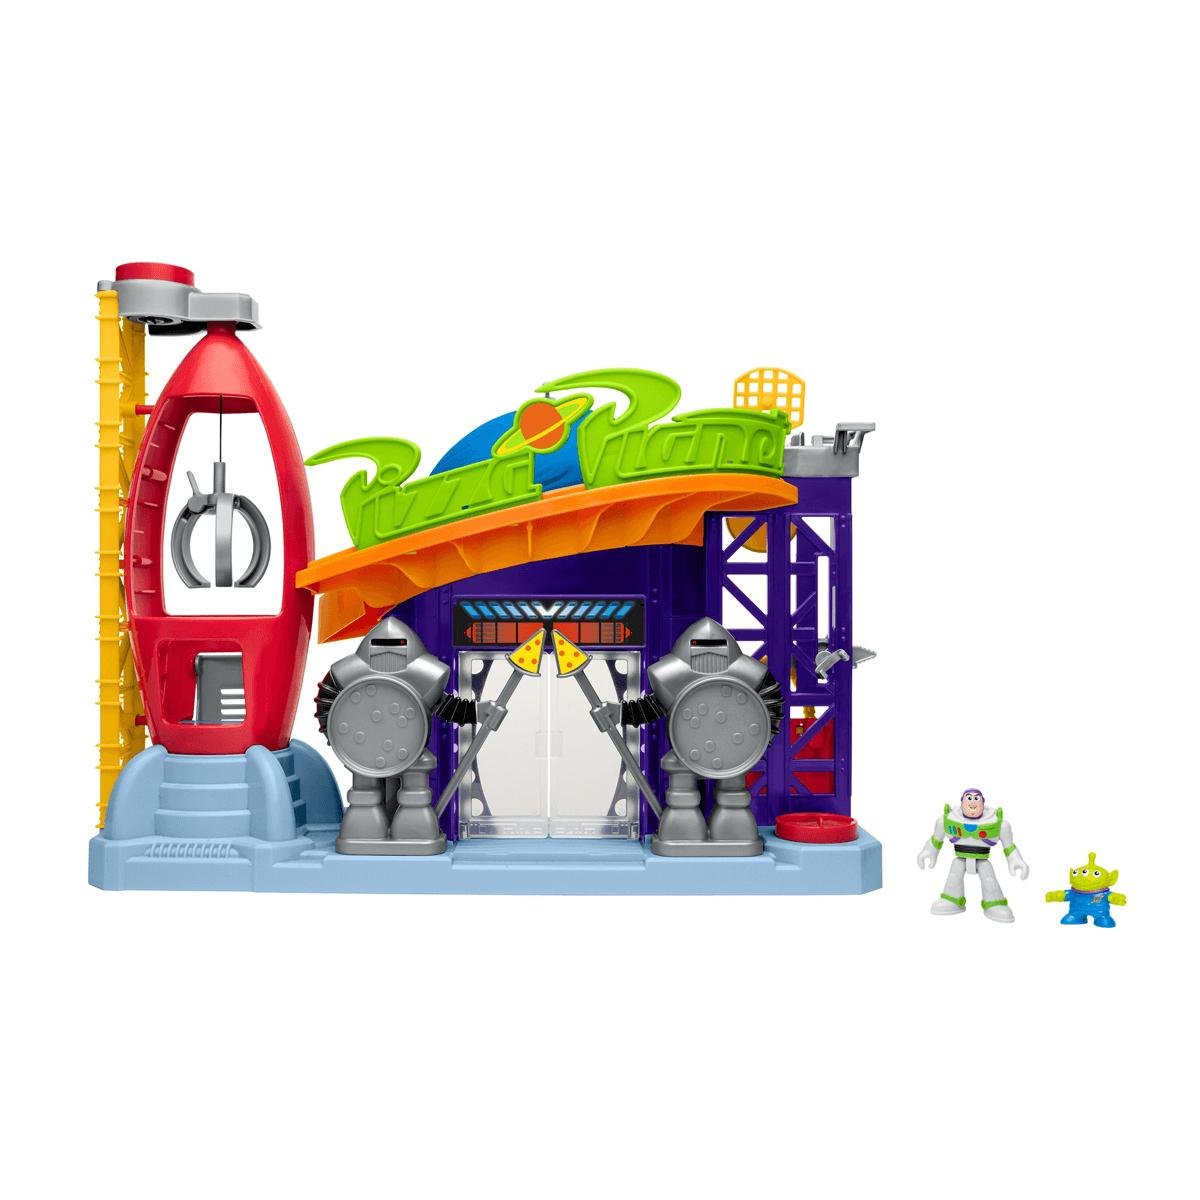 Disney Pixar Toy Story Pizza Planet Playset